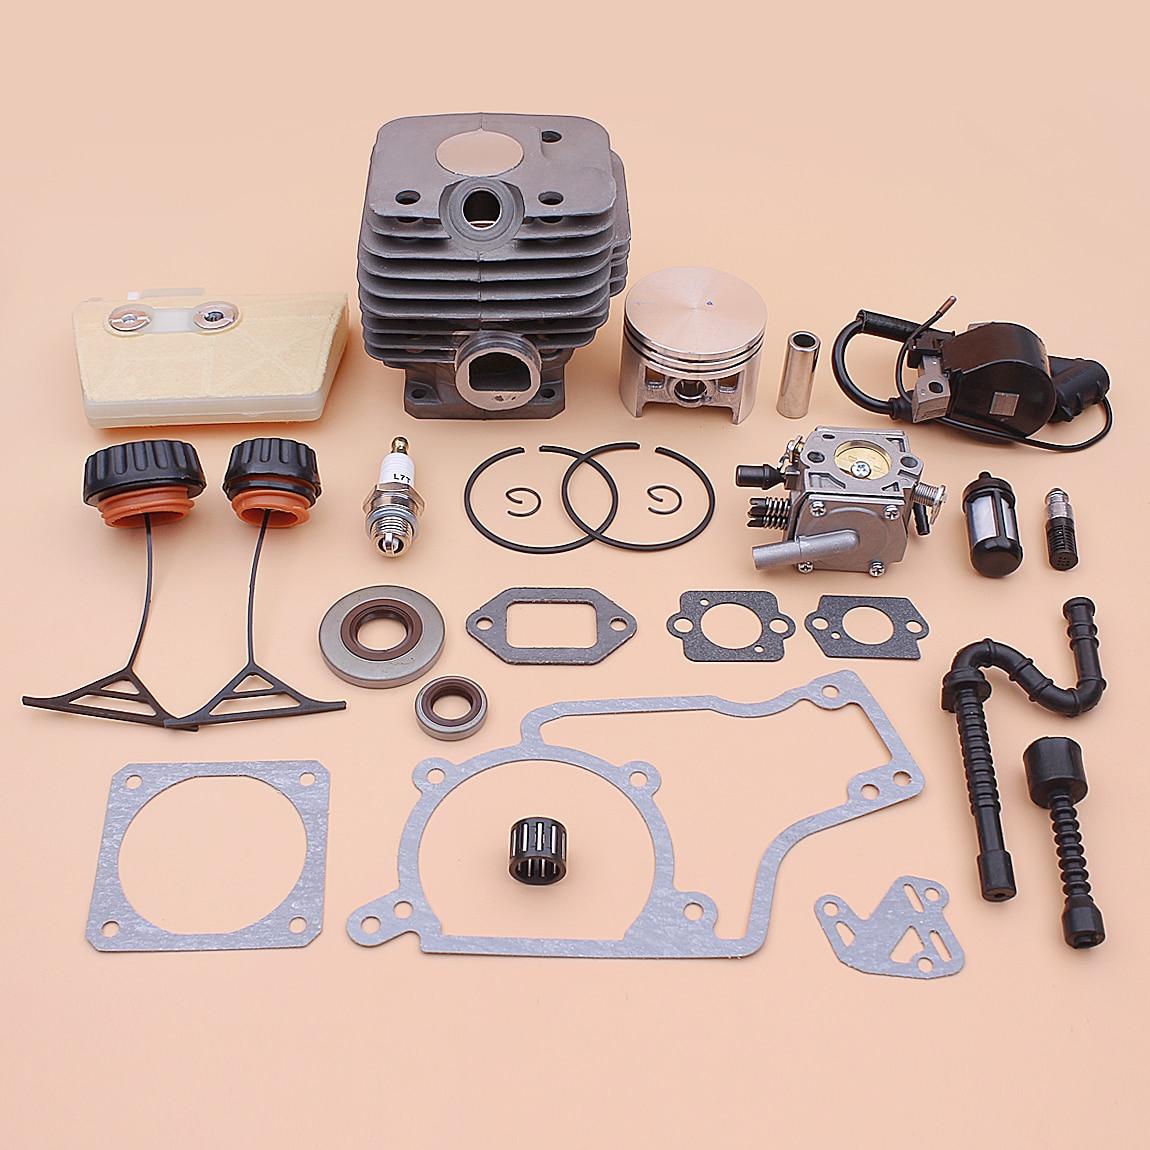 52mm Cylinder Piston Kit For Stihl 038 MS380 Carburetor Ignition Coil Air Fuel Oil Filter Line Seal Cap Gasket Set 1119 020 1202